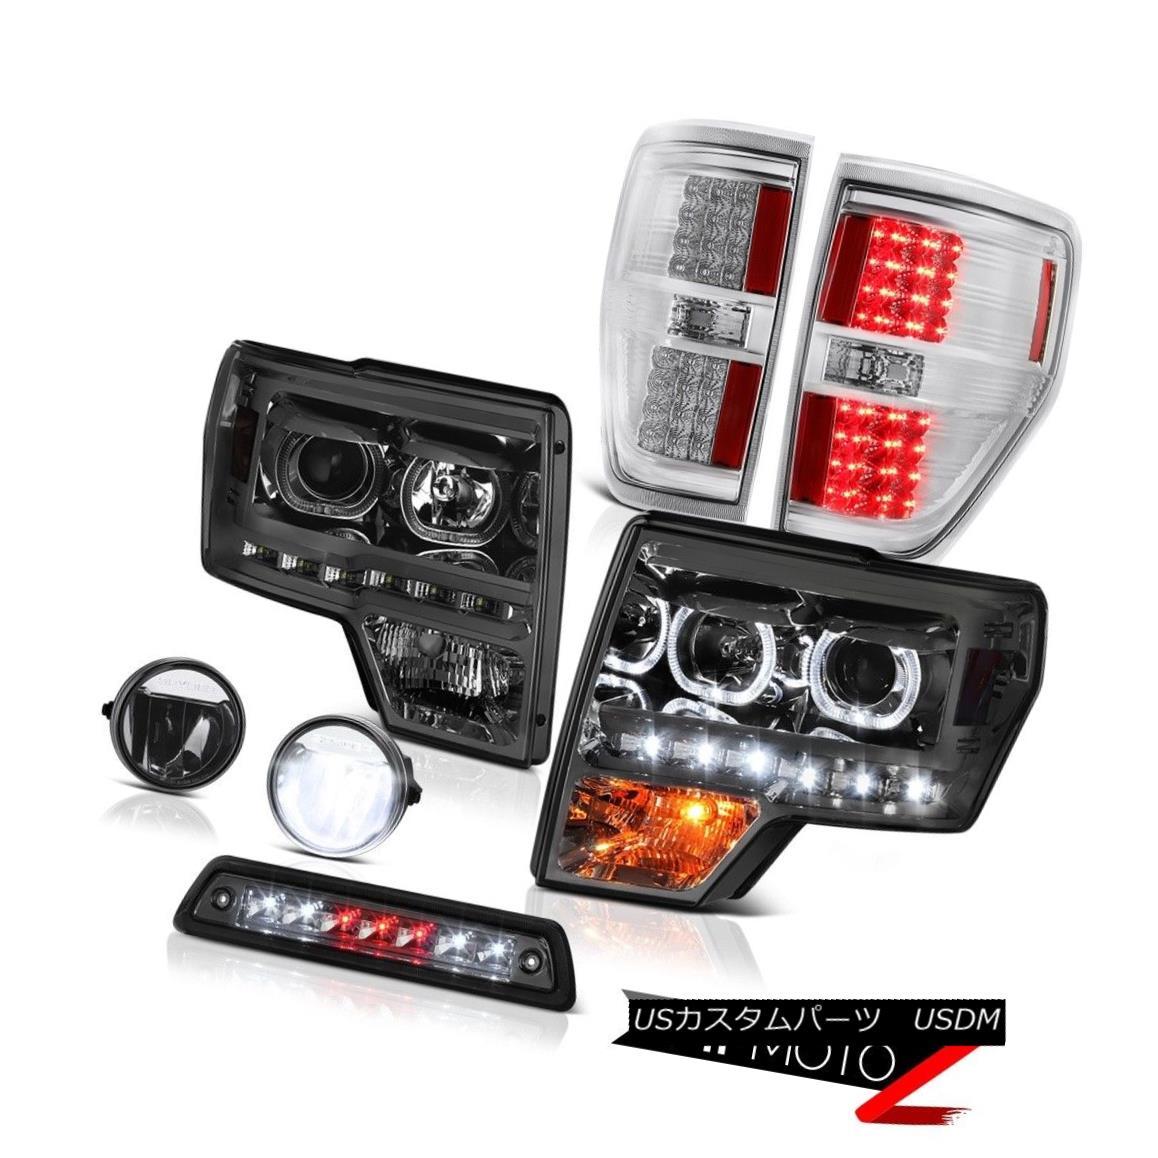 【1着でも送料無料】 テールライト 09-14 F150 6.2L F150 3rd foglights brake light 09-14 chrome foglights tail lights Headlamps SMD DRL 09-14 F150 6.2L第3ブレーキライトクロームフォグライトテールライトヘッドランプSMD DRL, 大岡村:7d65daf7 --- irecyclecampaign.org